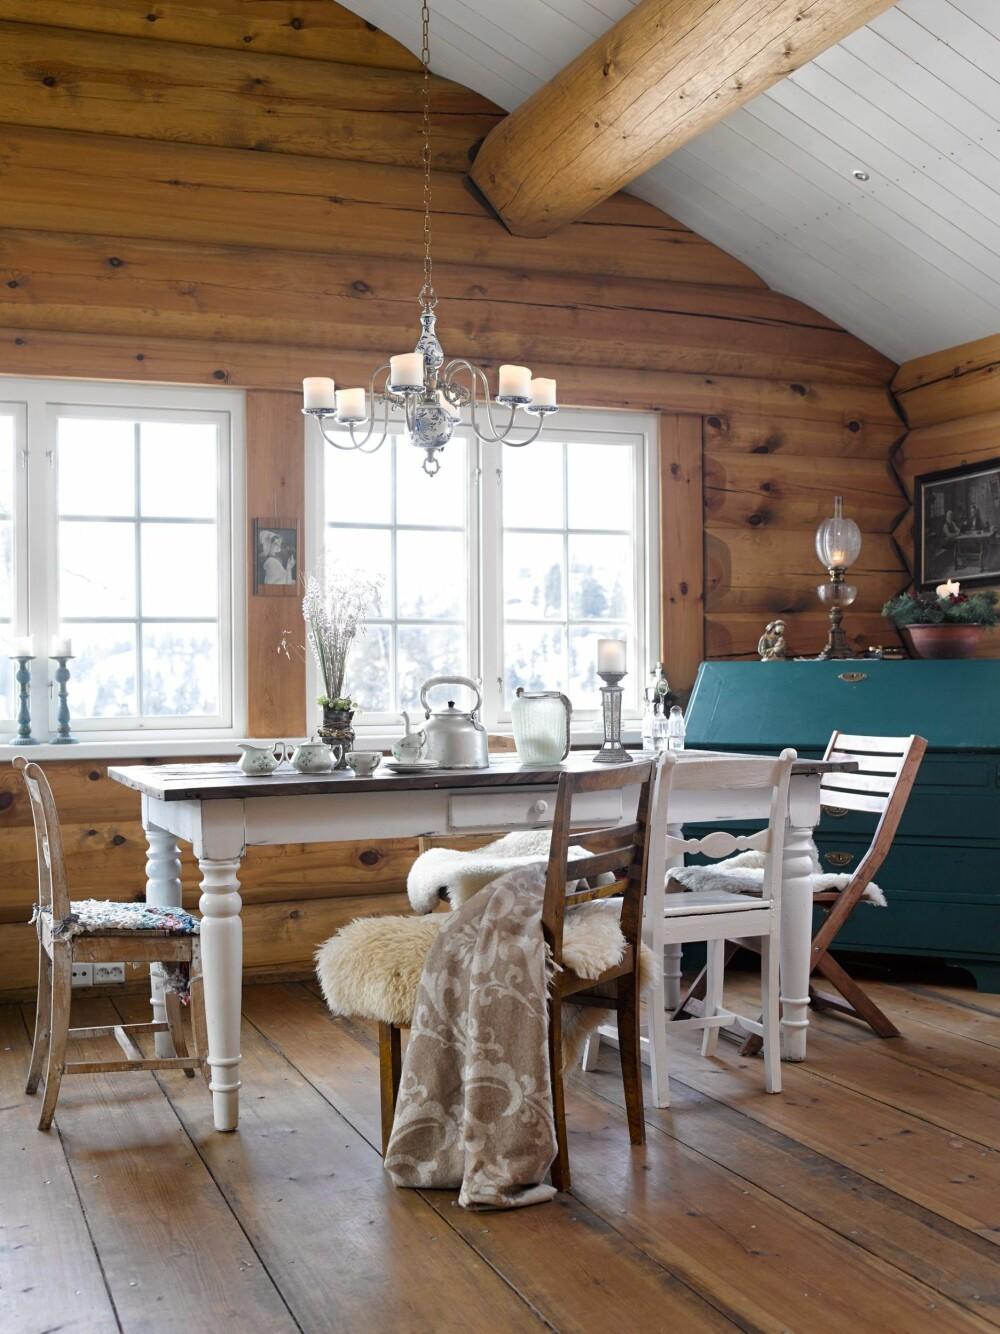 SOSIALT: Rundt spisebordet samles gjerne familien sammen med barnas venner, som ofte er med på hyttetur. Bordet er fra Home and Cottage. Stolene og skatollet er arvegods, bruktfunn og fra antikkbutikken Bestemors Loft i Eggedal. Lysholderen i taket er fra en antikkbutikk i Kragerø.